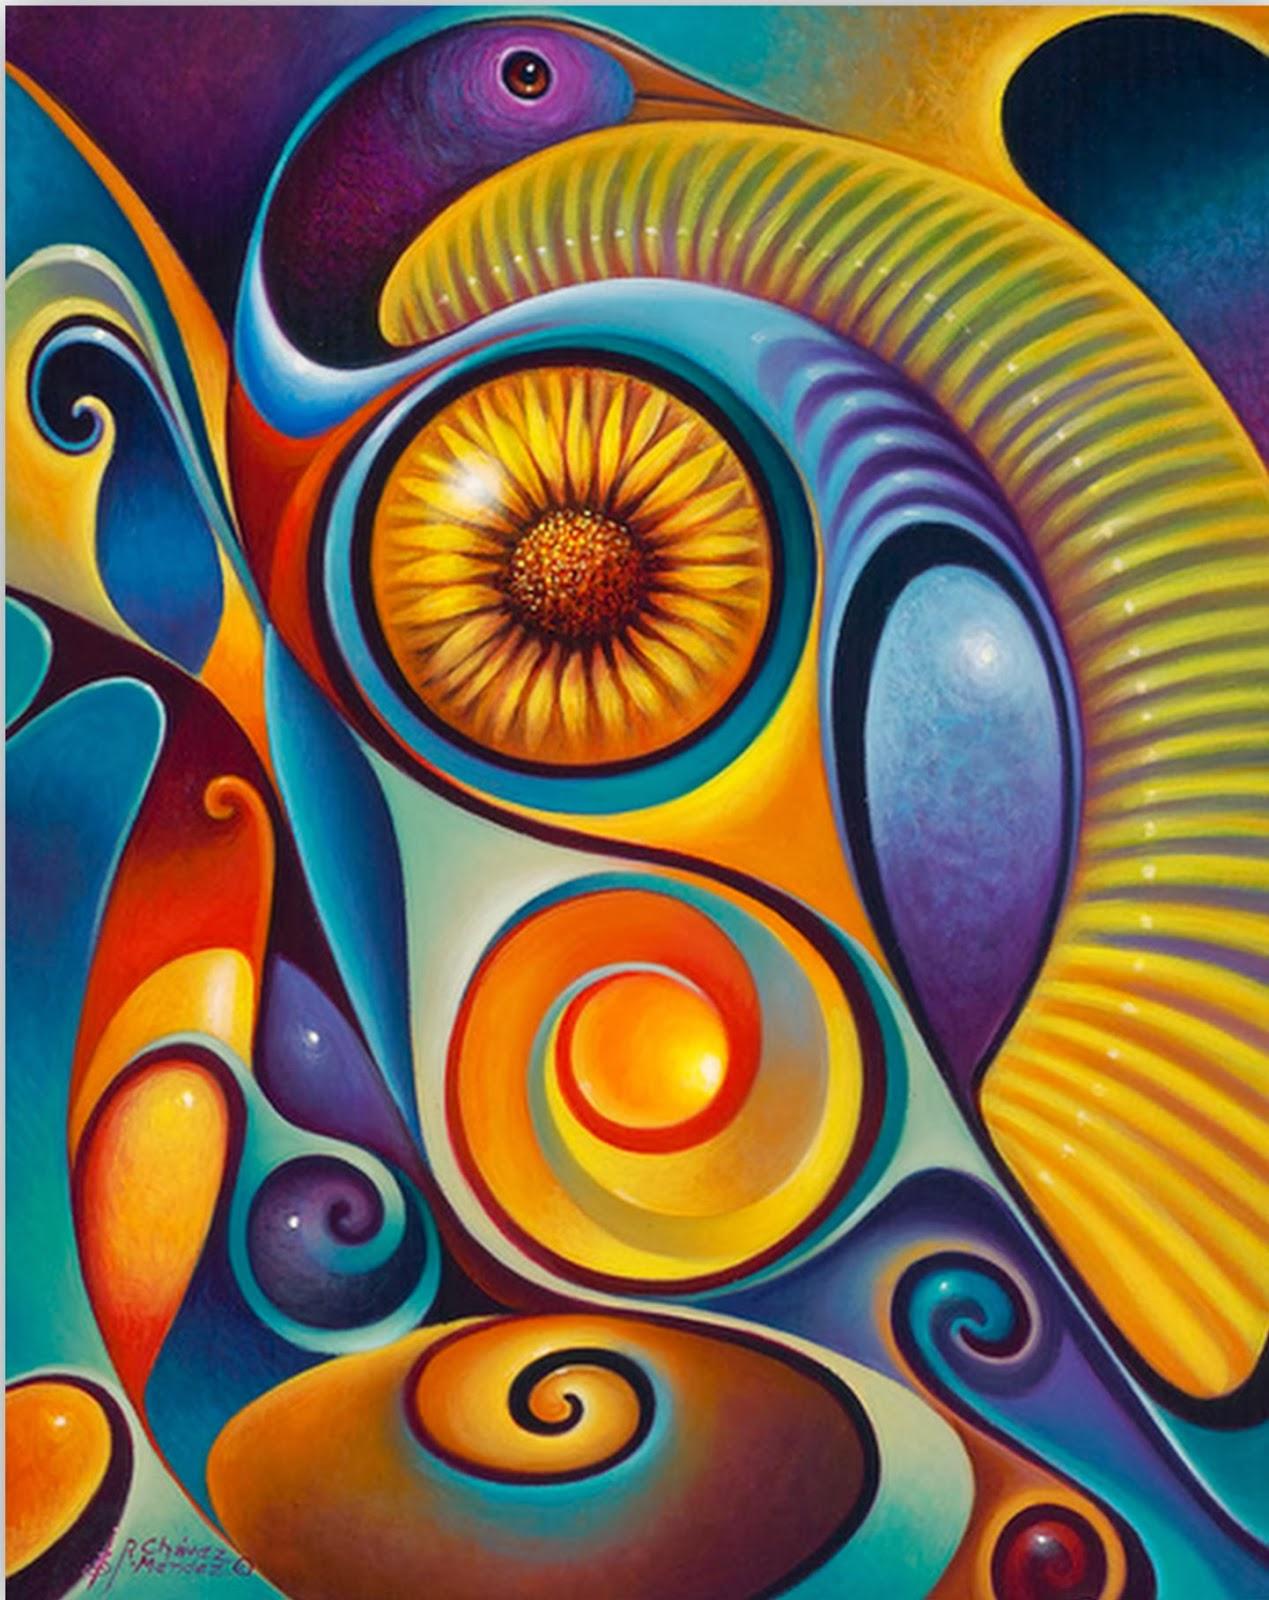 Im genes arte pinturas pinturas modernas al leo ricardo for Imagenes de cuadros abstractos modernos para imprimir